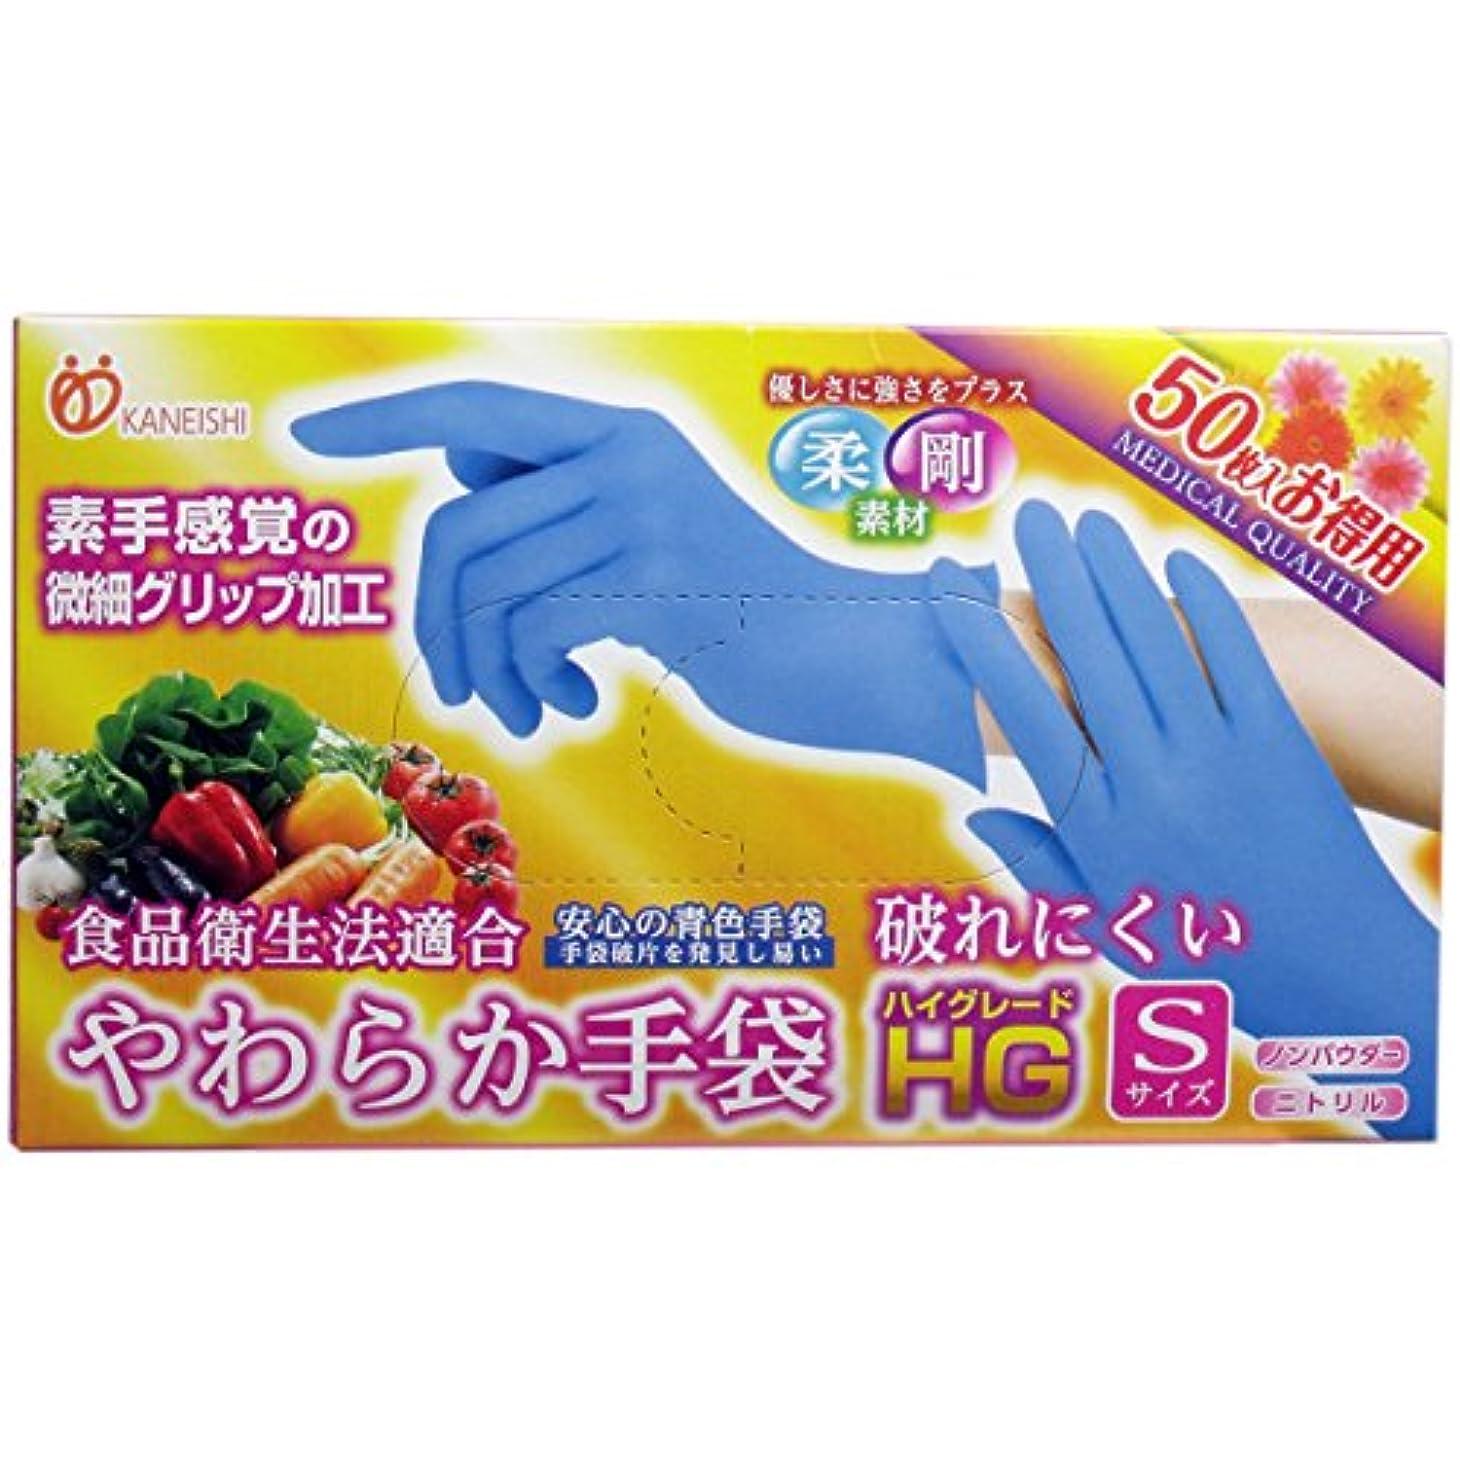 すべき寝てるコロニーやわらか手袋 HG(ハイグレード) スーパーブルー Sサイズ 50枚入